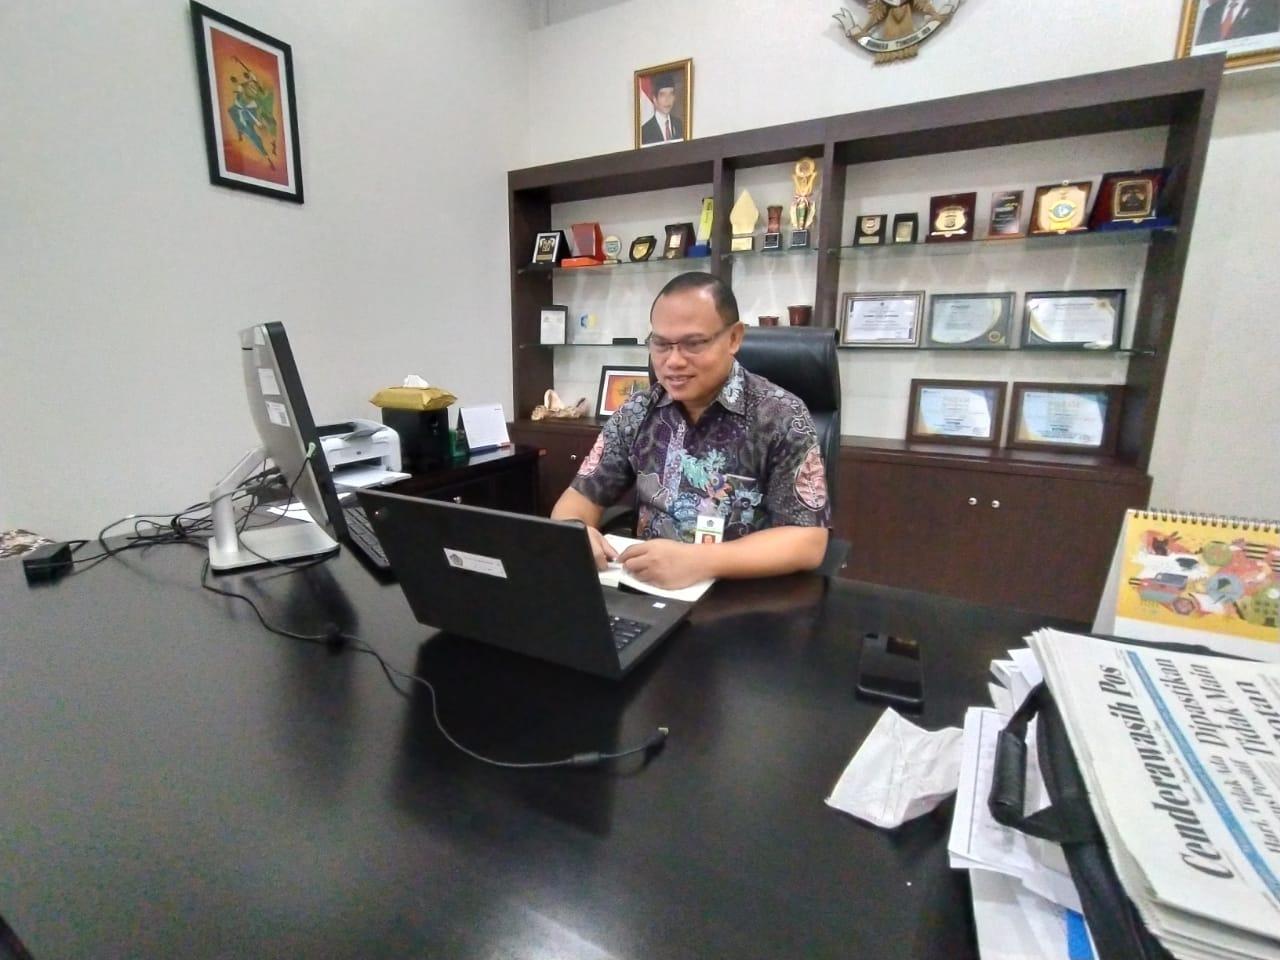 Kanwil DJKN papabaruku dalam Pembahasan Tindak Lanjut Arahan Menteri Keuangan terkait Konsep  Baru Bekerja dan Tempat Kerja